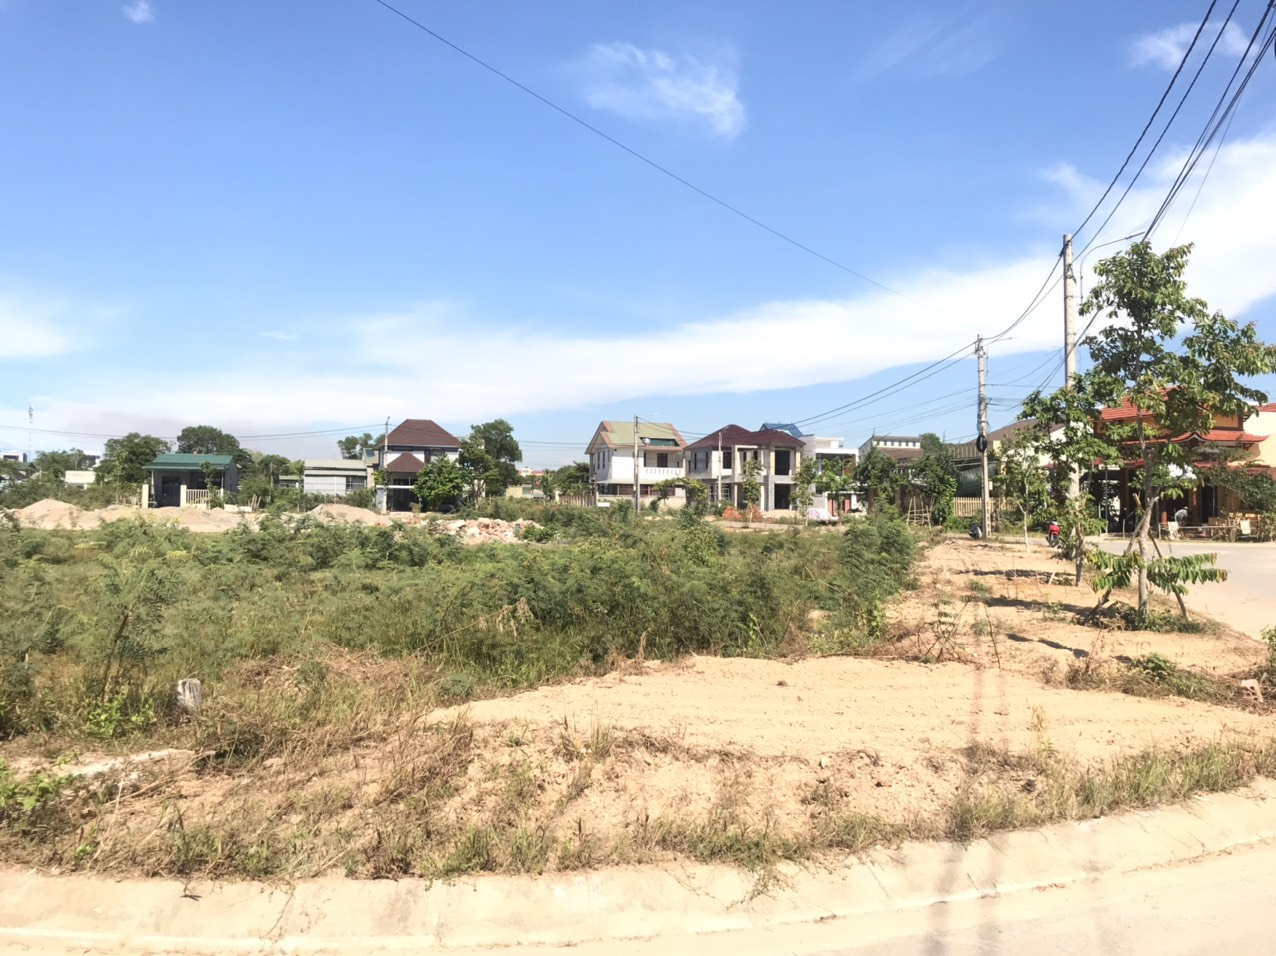 Cần bán Đất đường Lê Hồng Phong, Phường 3, Diện tích 161m², Giá 1865 Triệu - LH: 0846661456